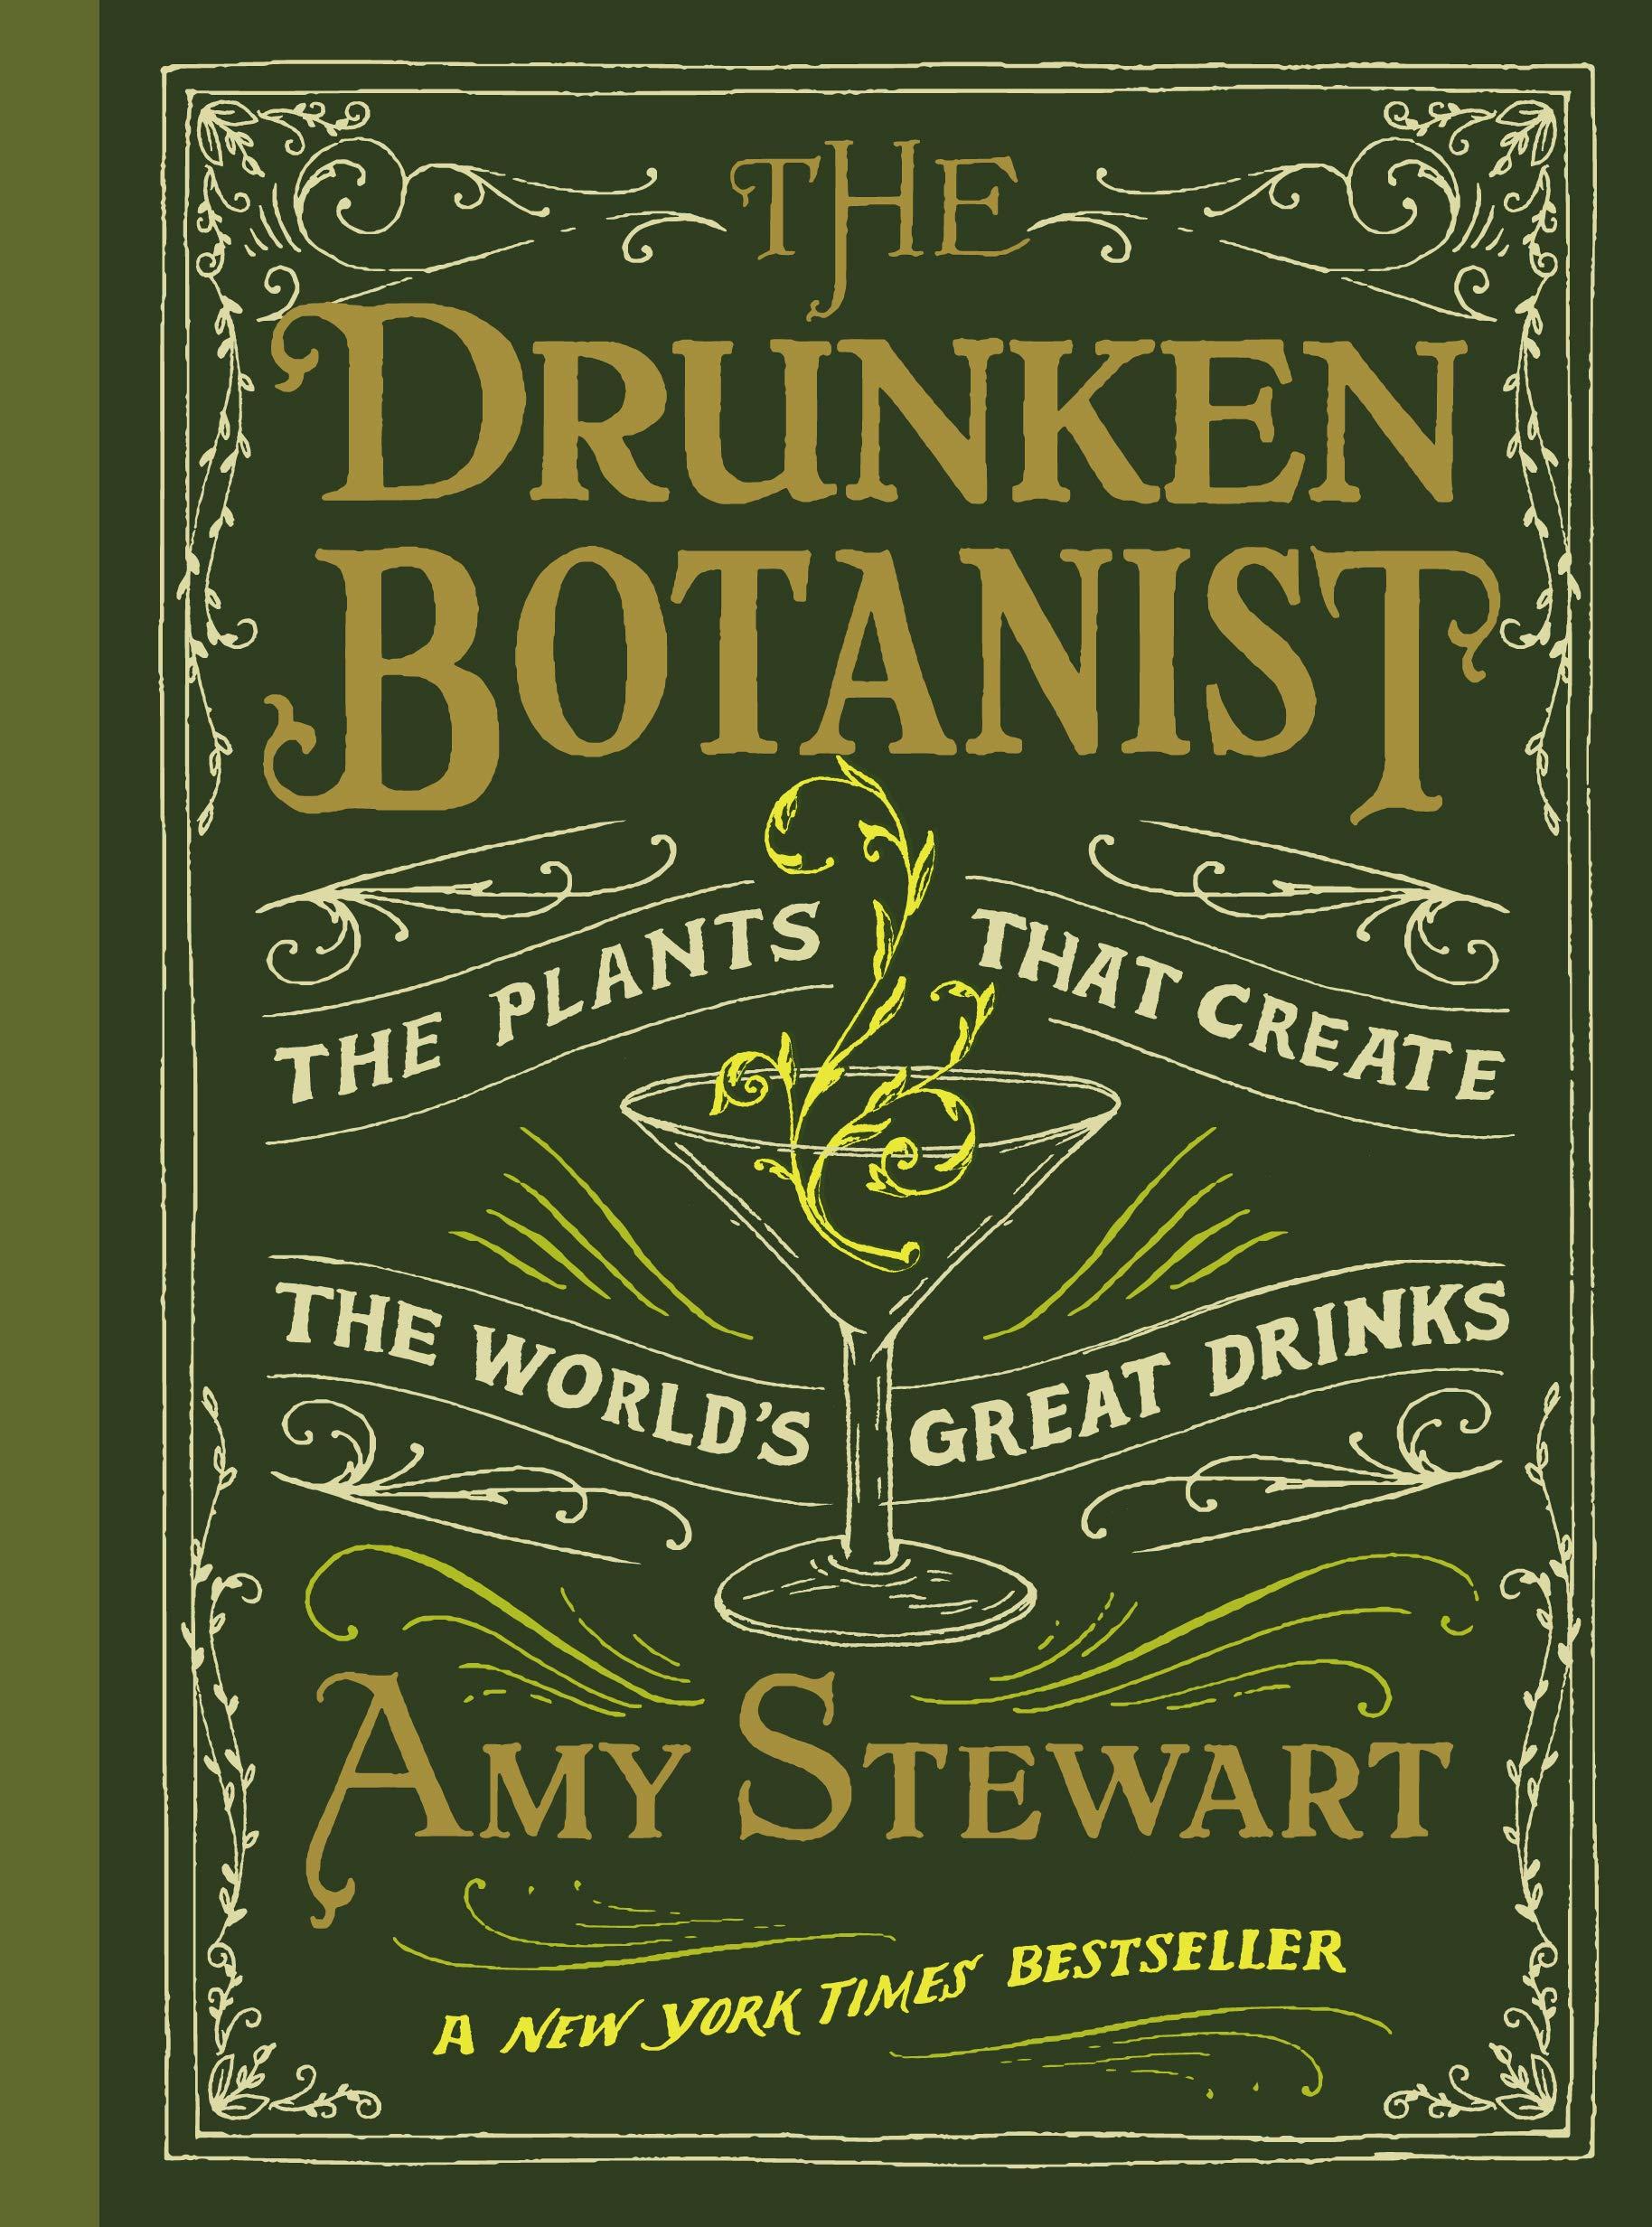 drunken botanist book cover